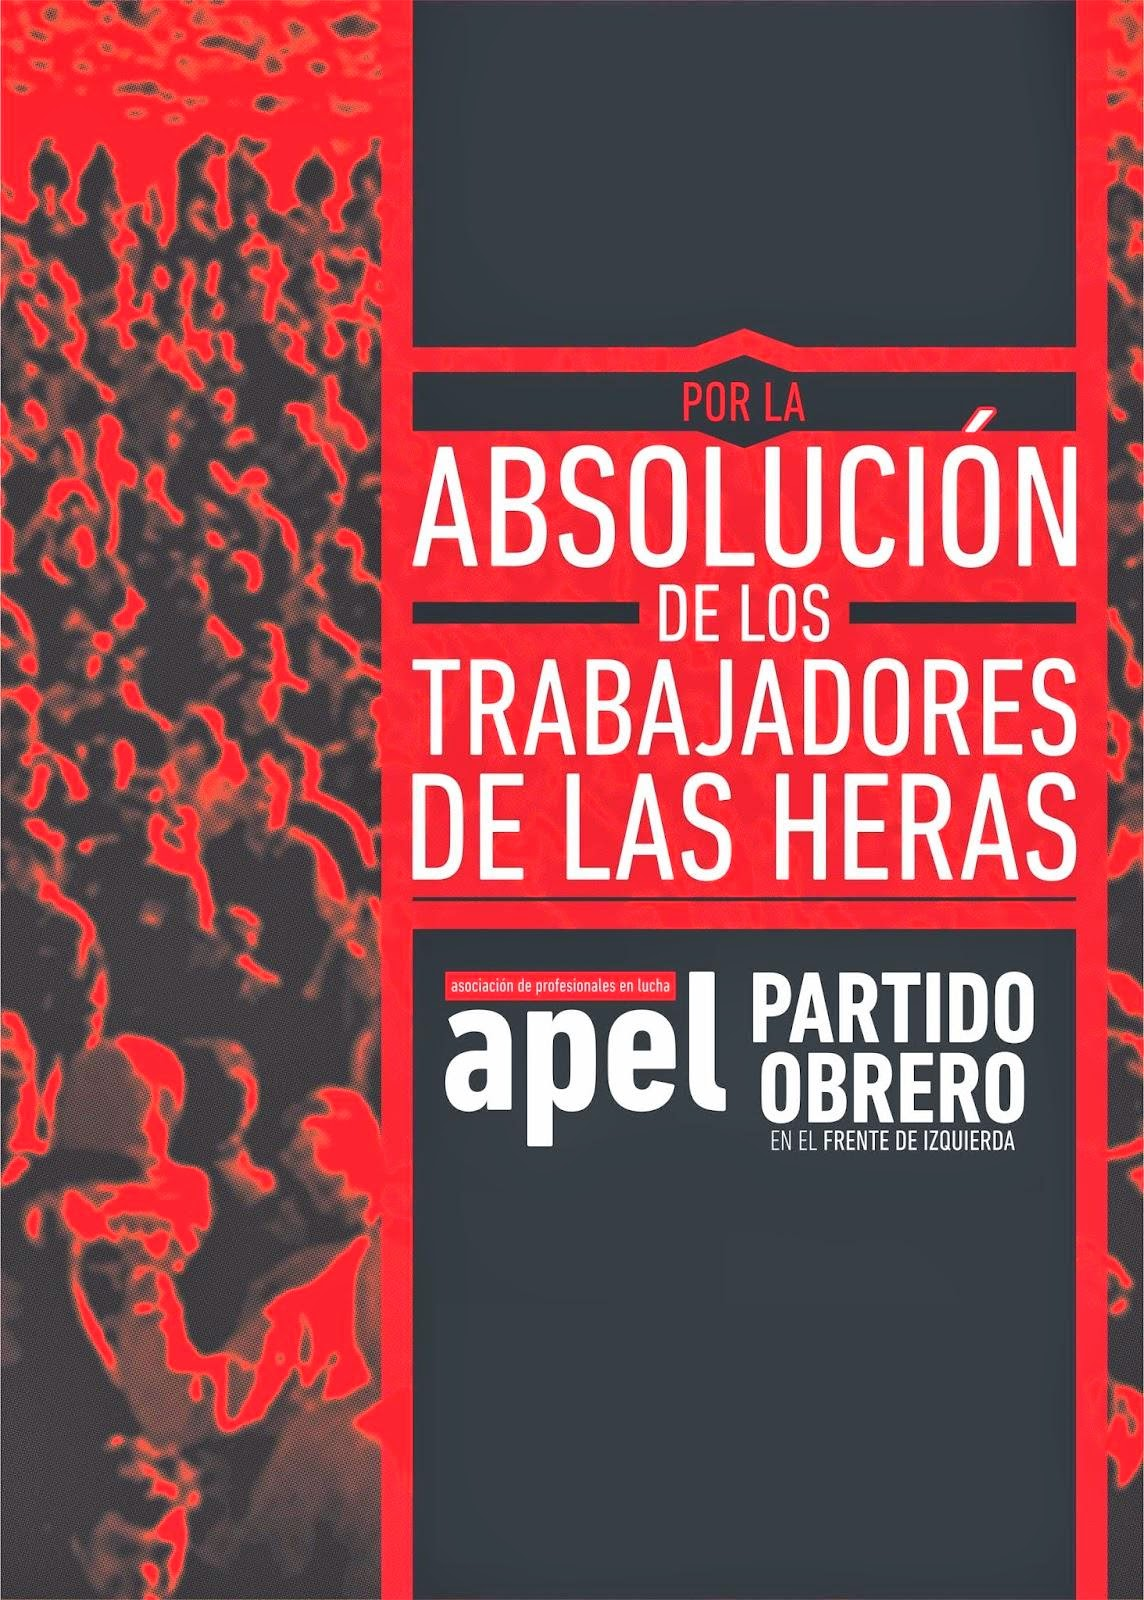 http://www.youblisher.com/p/865375-Por-la-absolucion-de-los-trabajadores-de-Las-Heras/